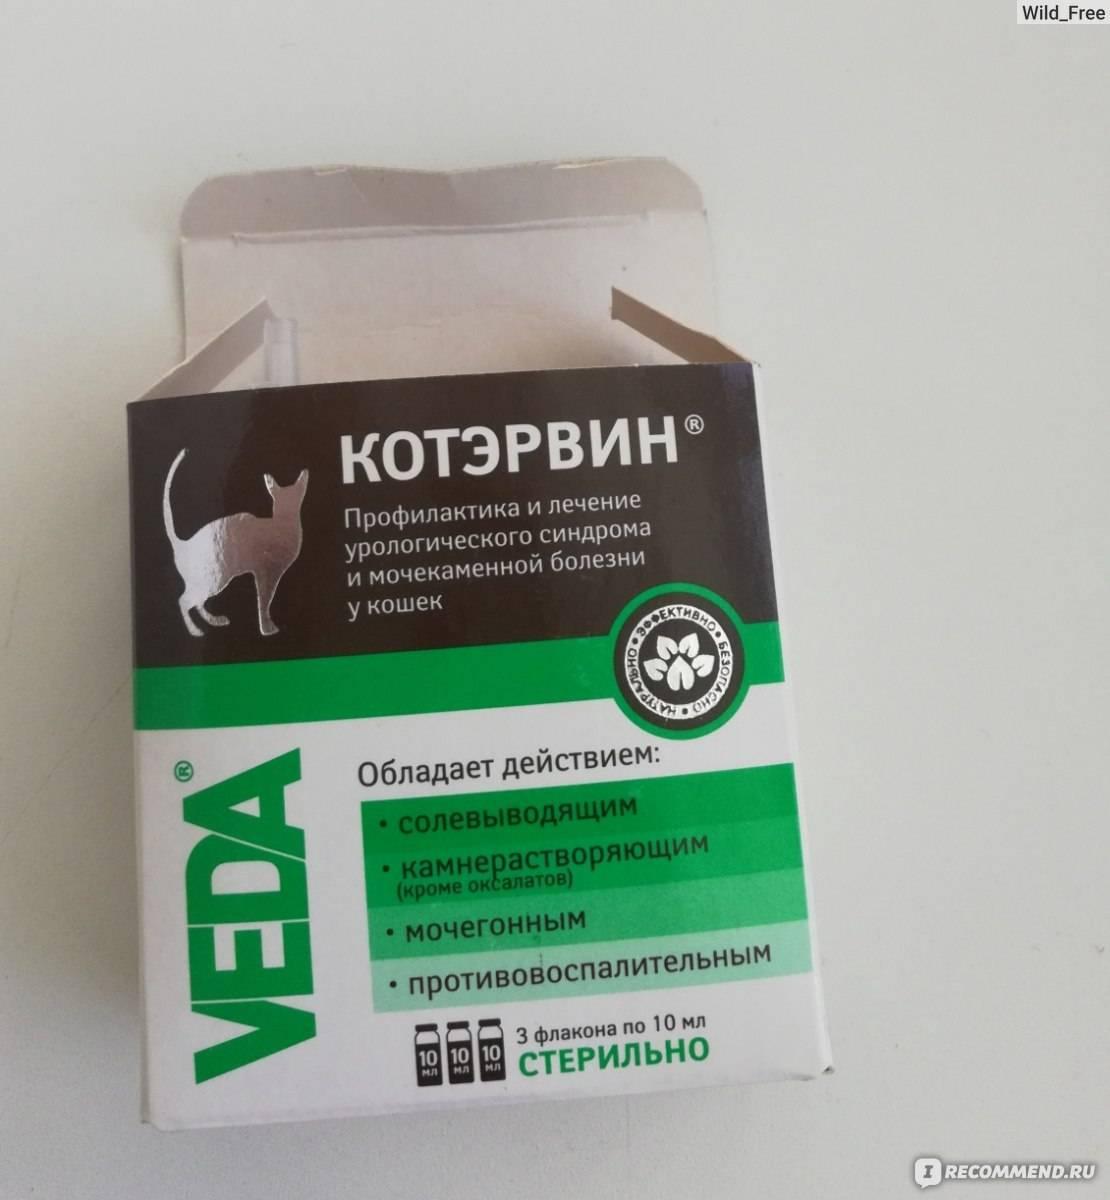 Инструкция по применению для кошек препарата котэрвин, дозировки, показания и противопоказания